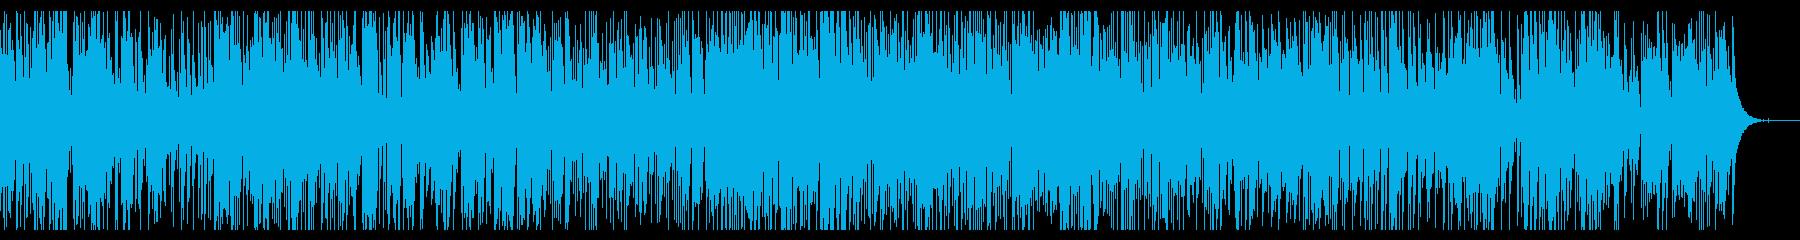 憂鬱な日のスローテンポのJAZZの再生済みの波形